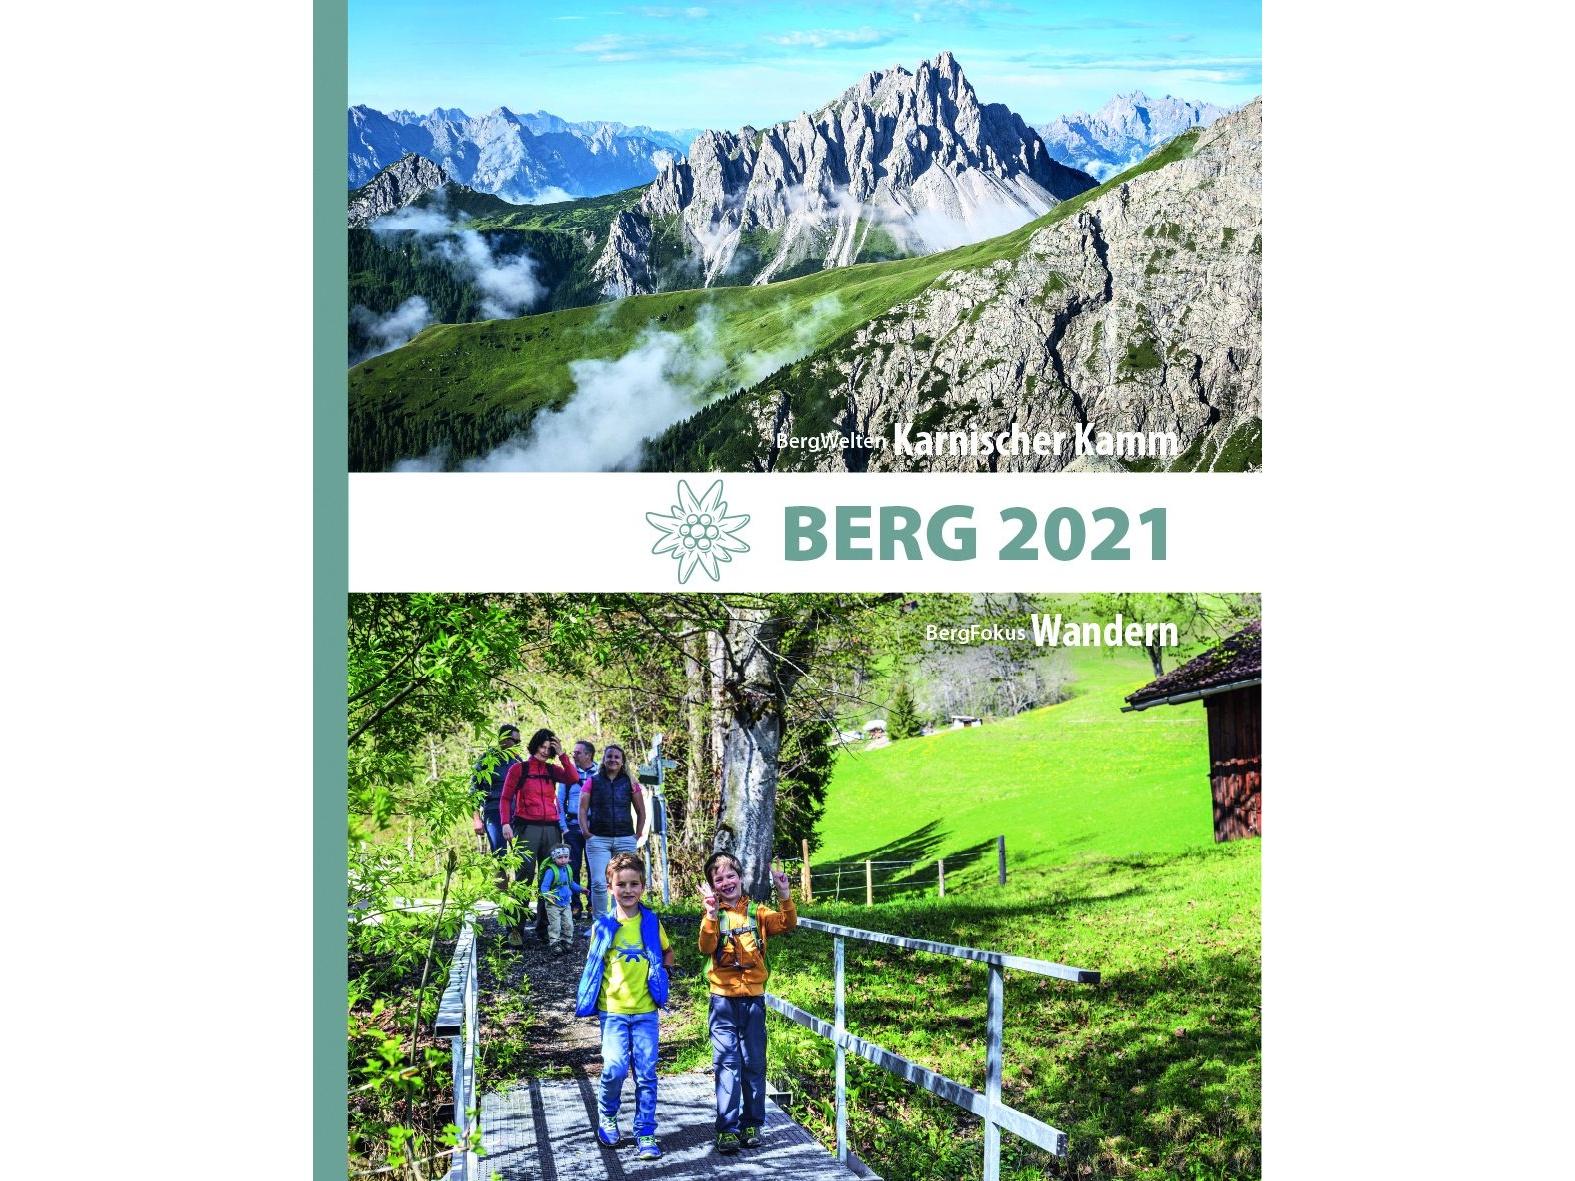 Alpenvereinsjahrbuch BERG 2021